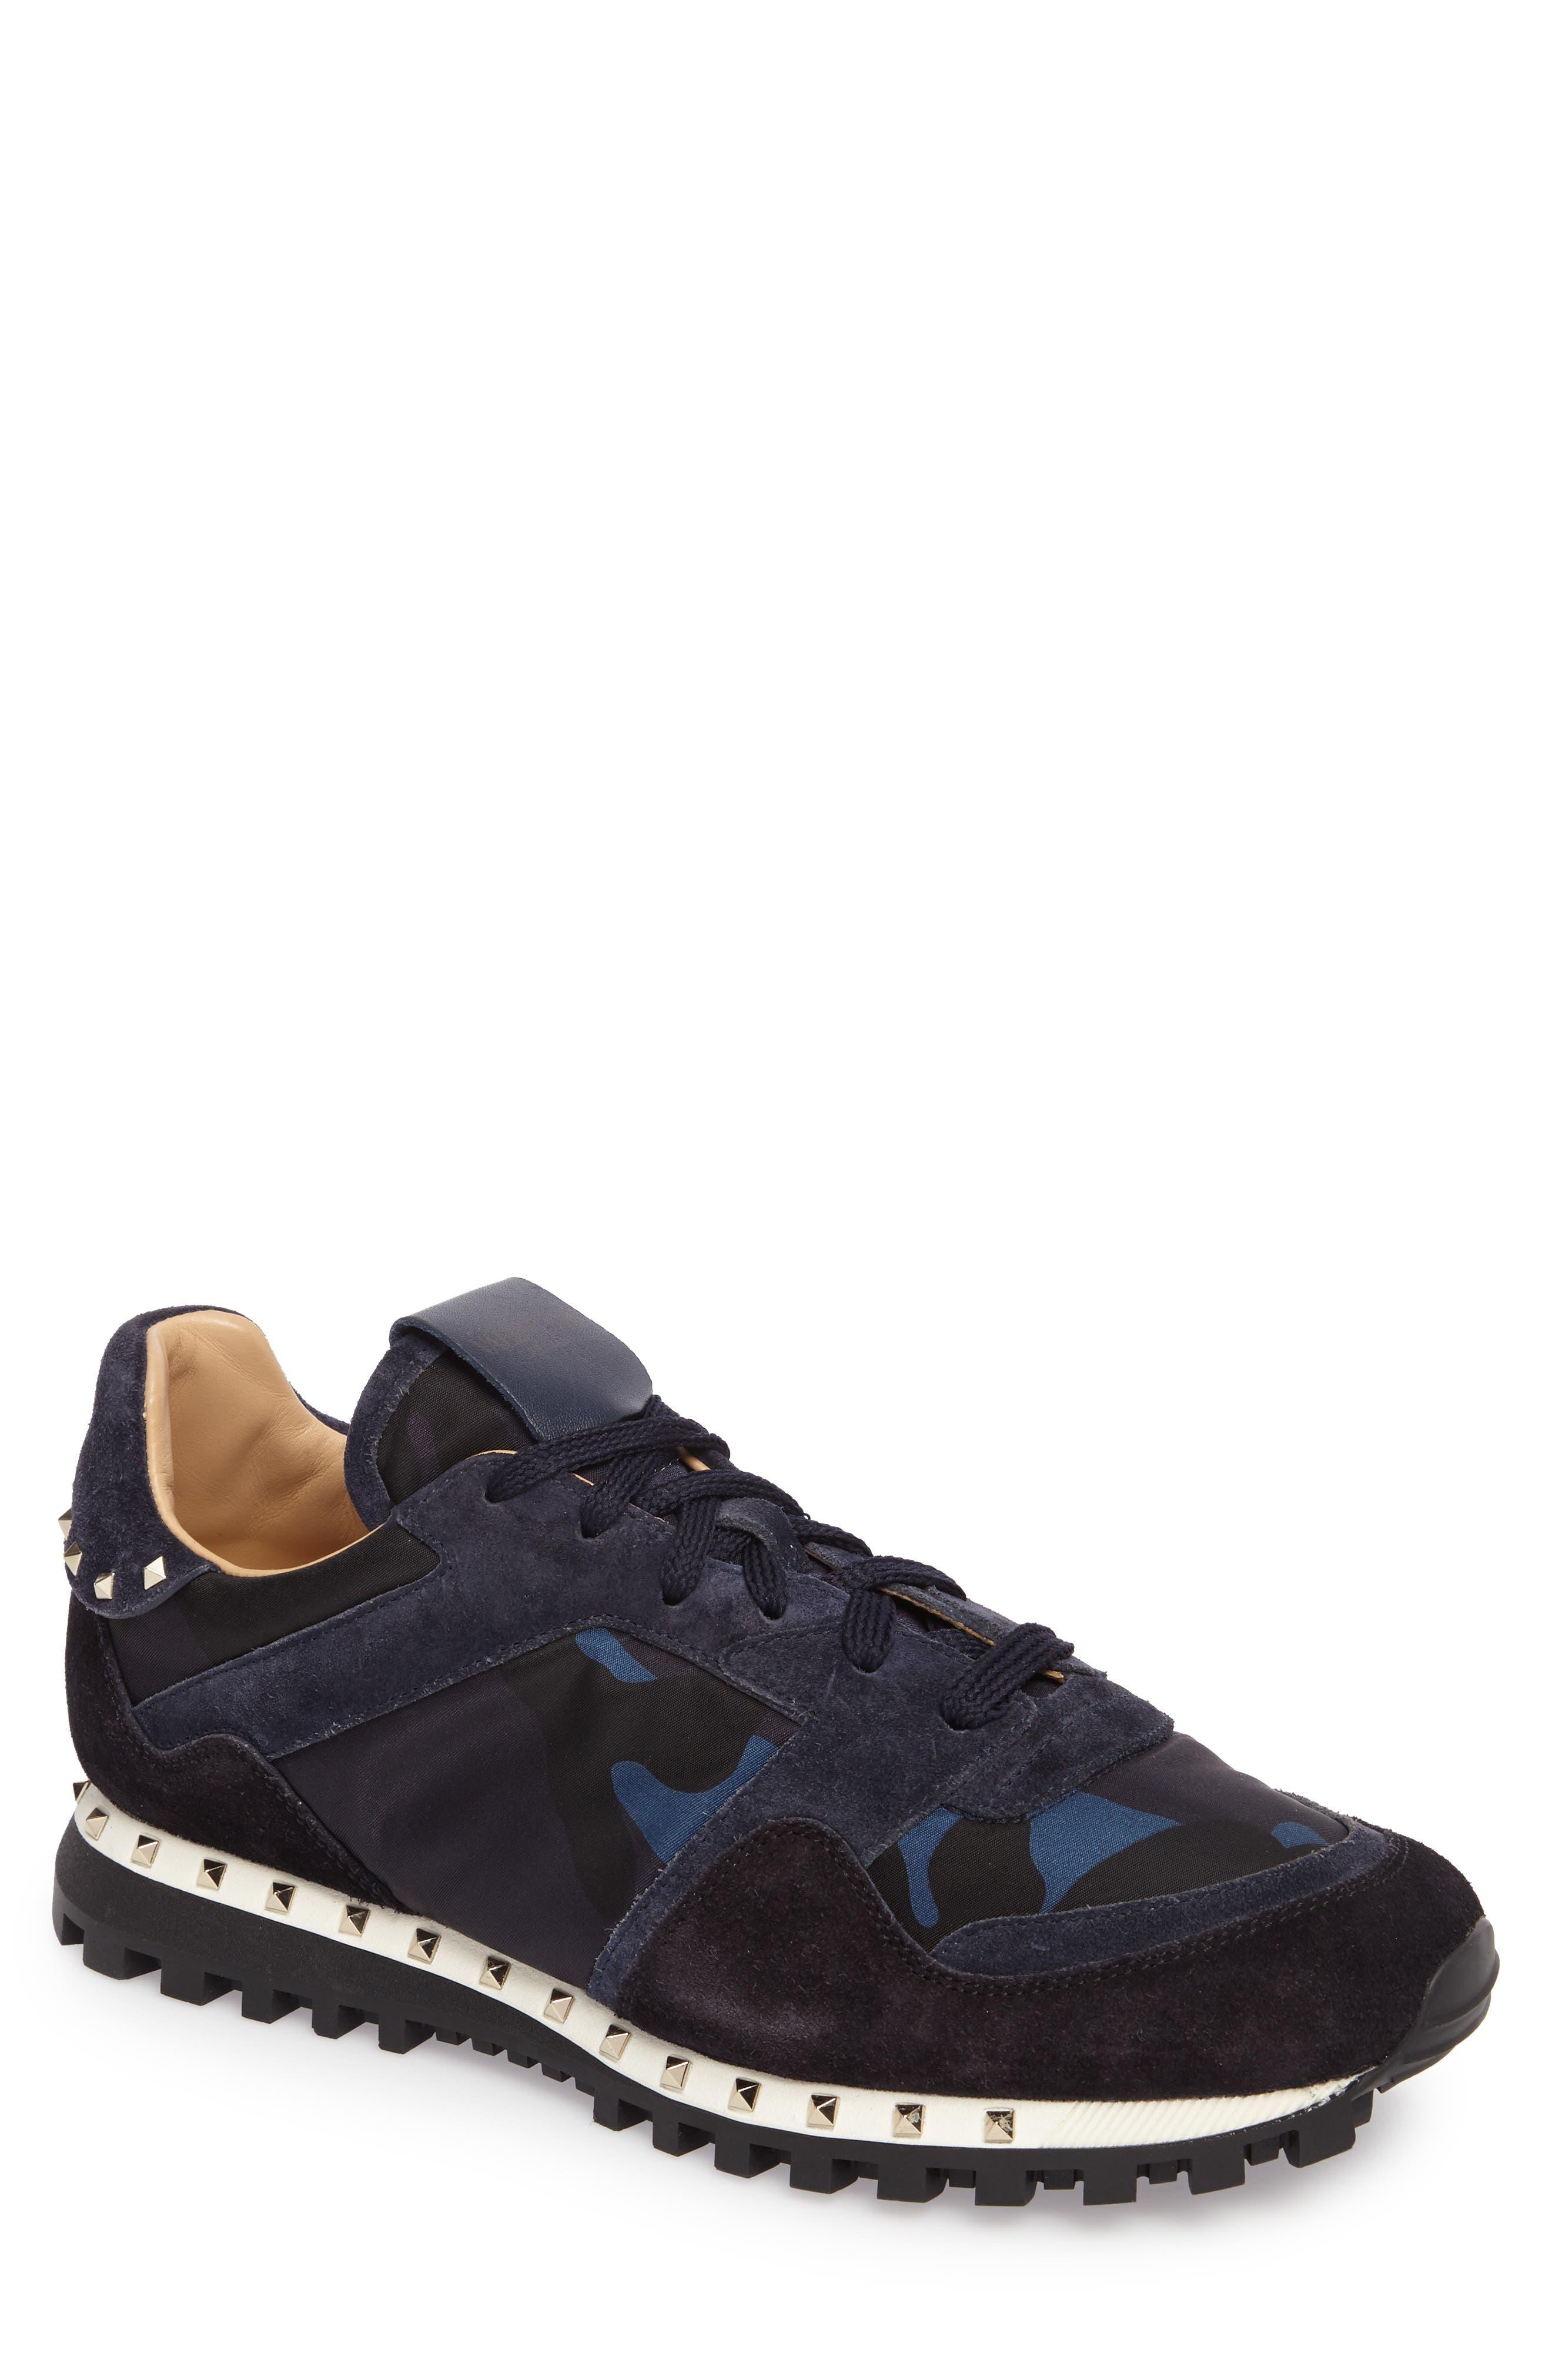 VALENTINO GARAVANI Camo Rockstud Sneaker (Men)